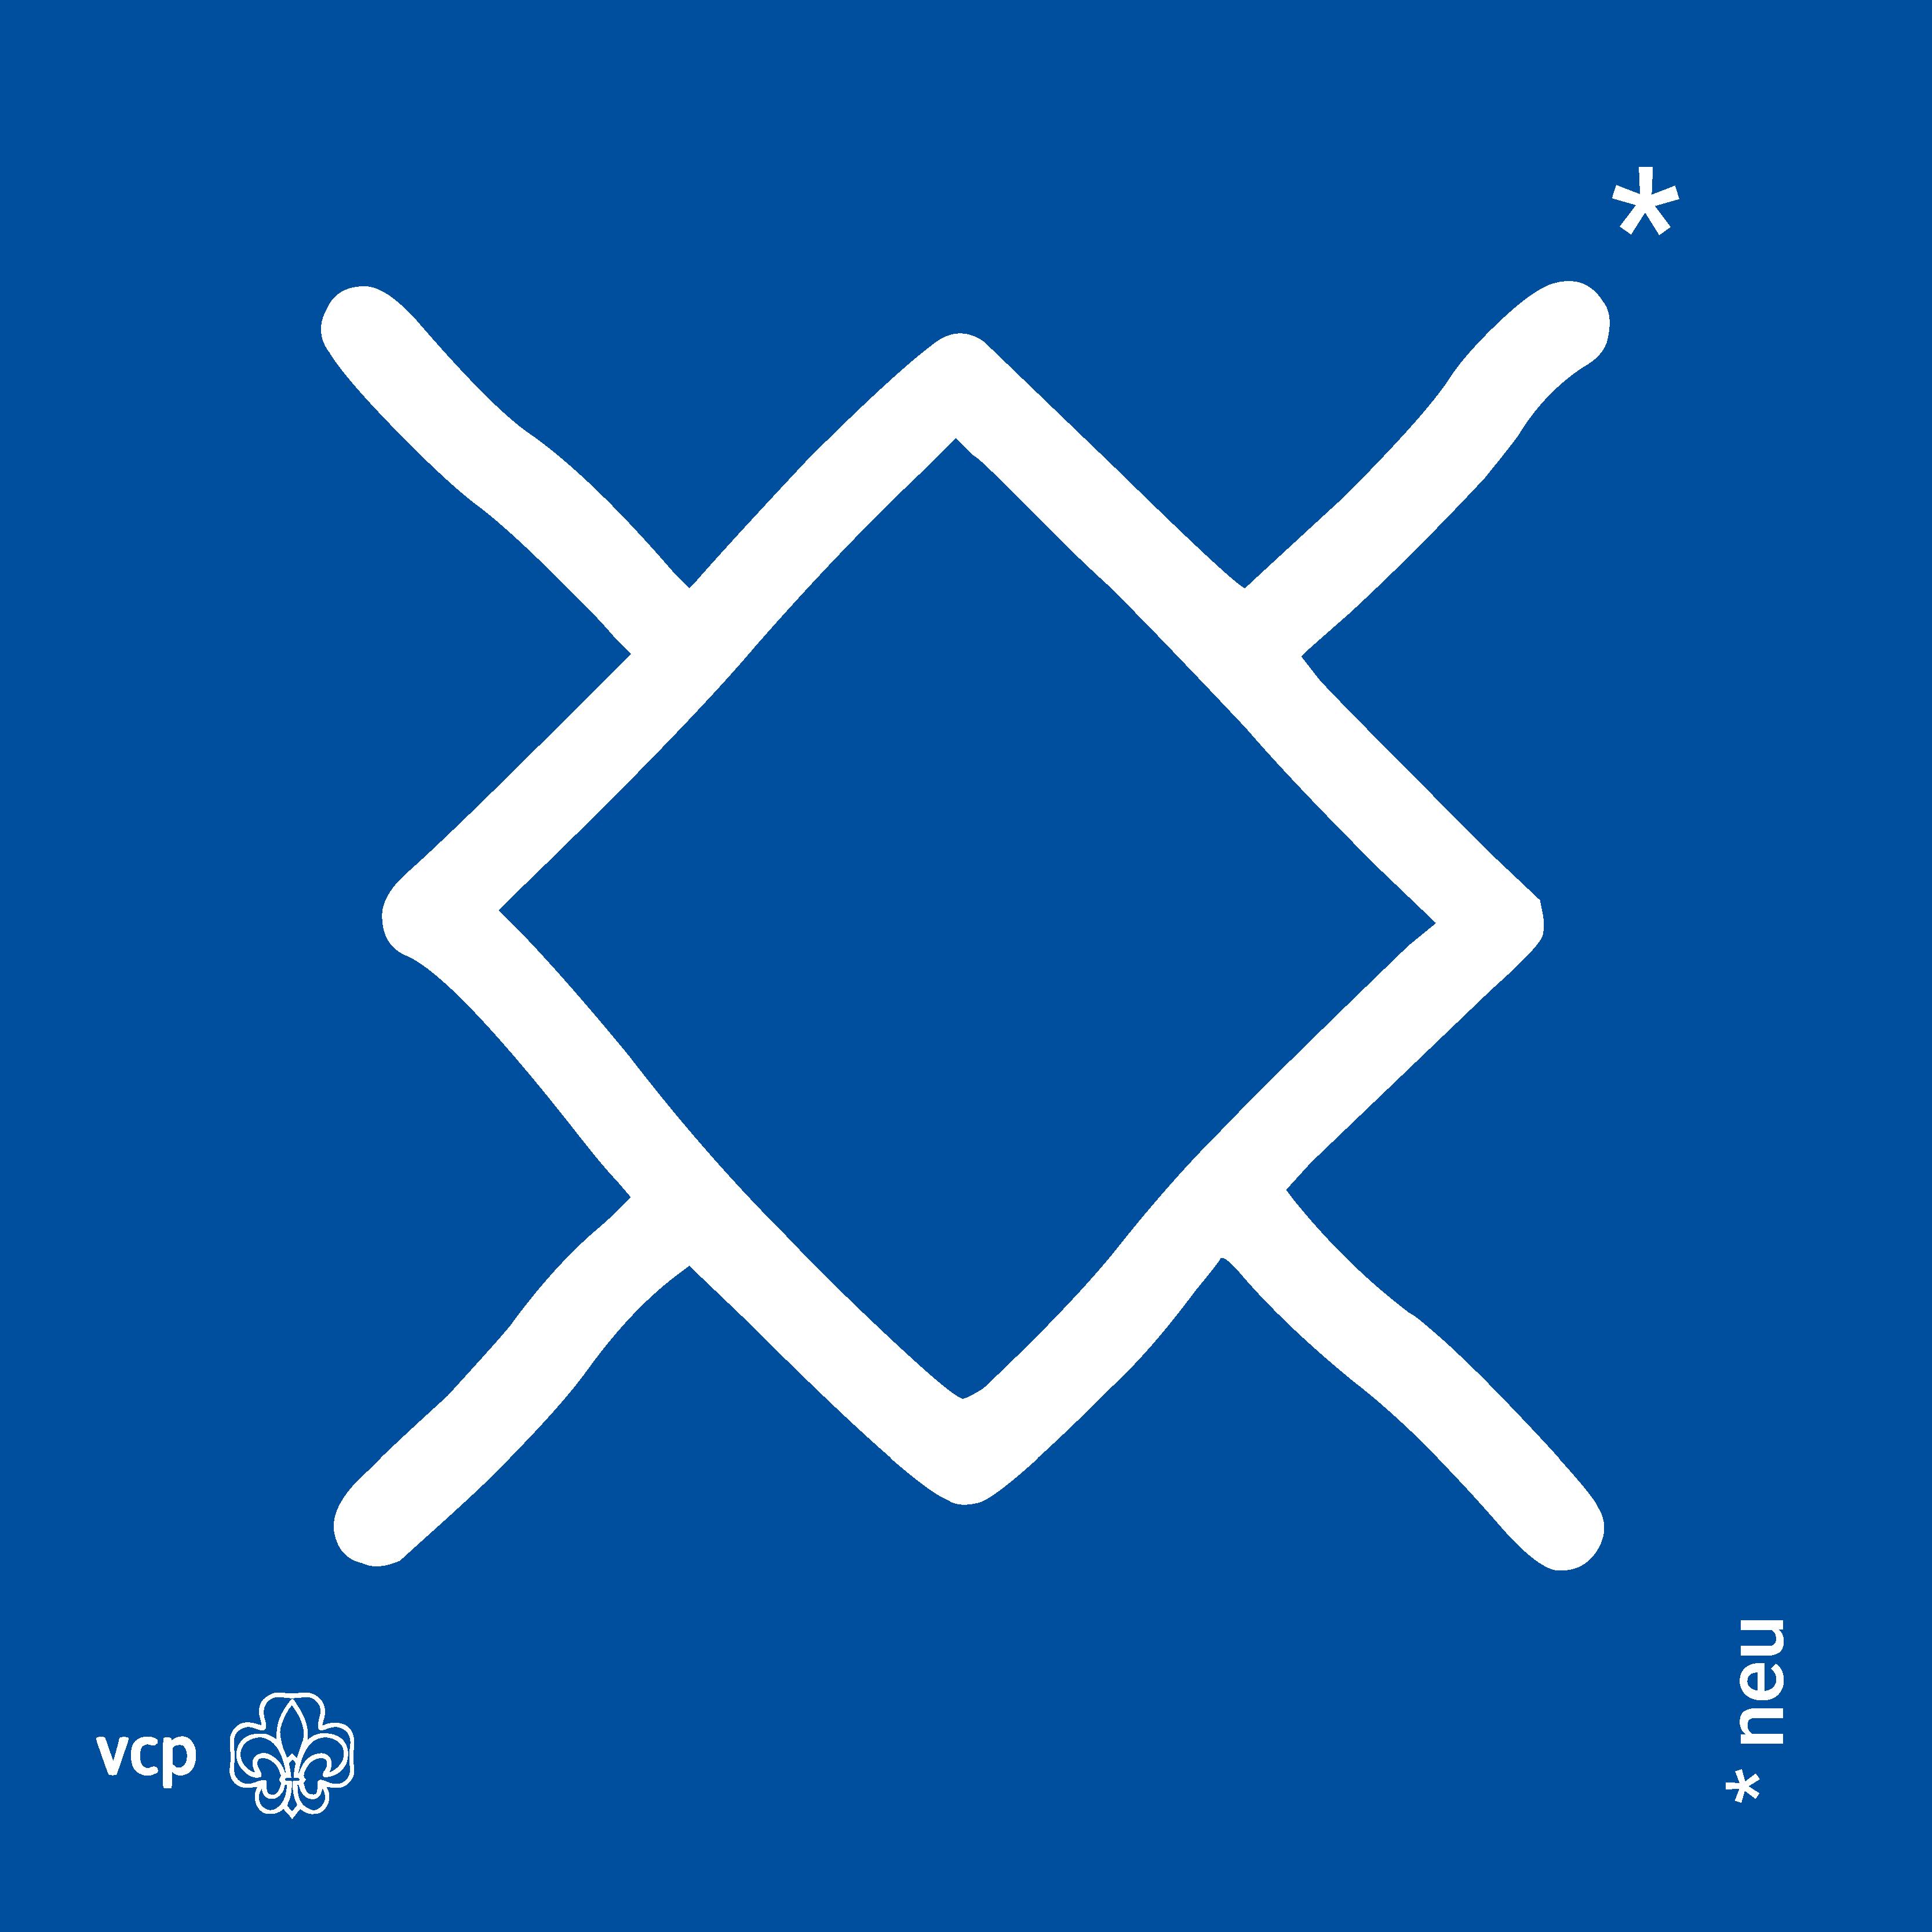 neu - VCP-Waldläuferzeichen wlz